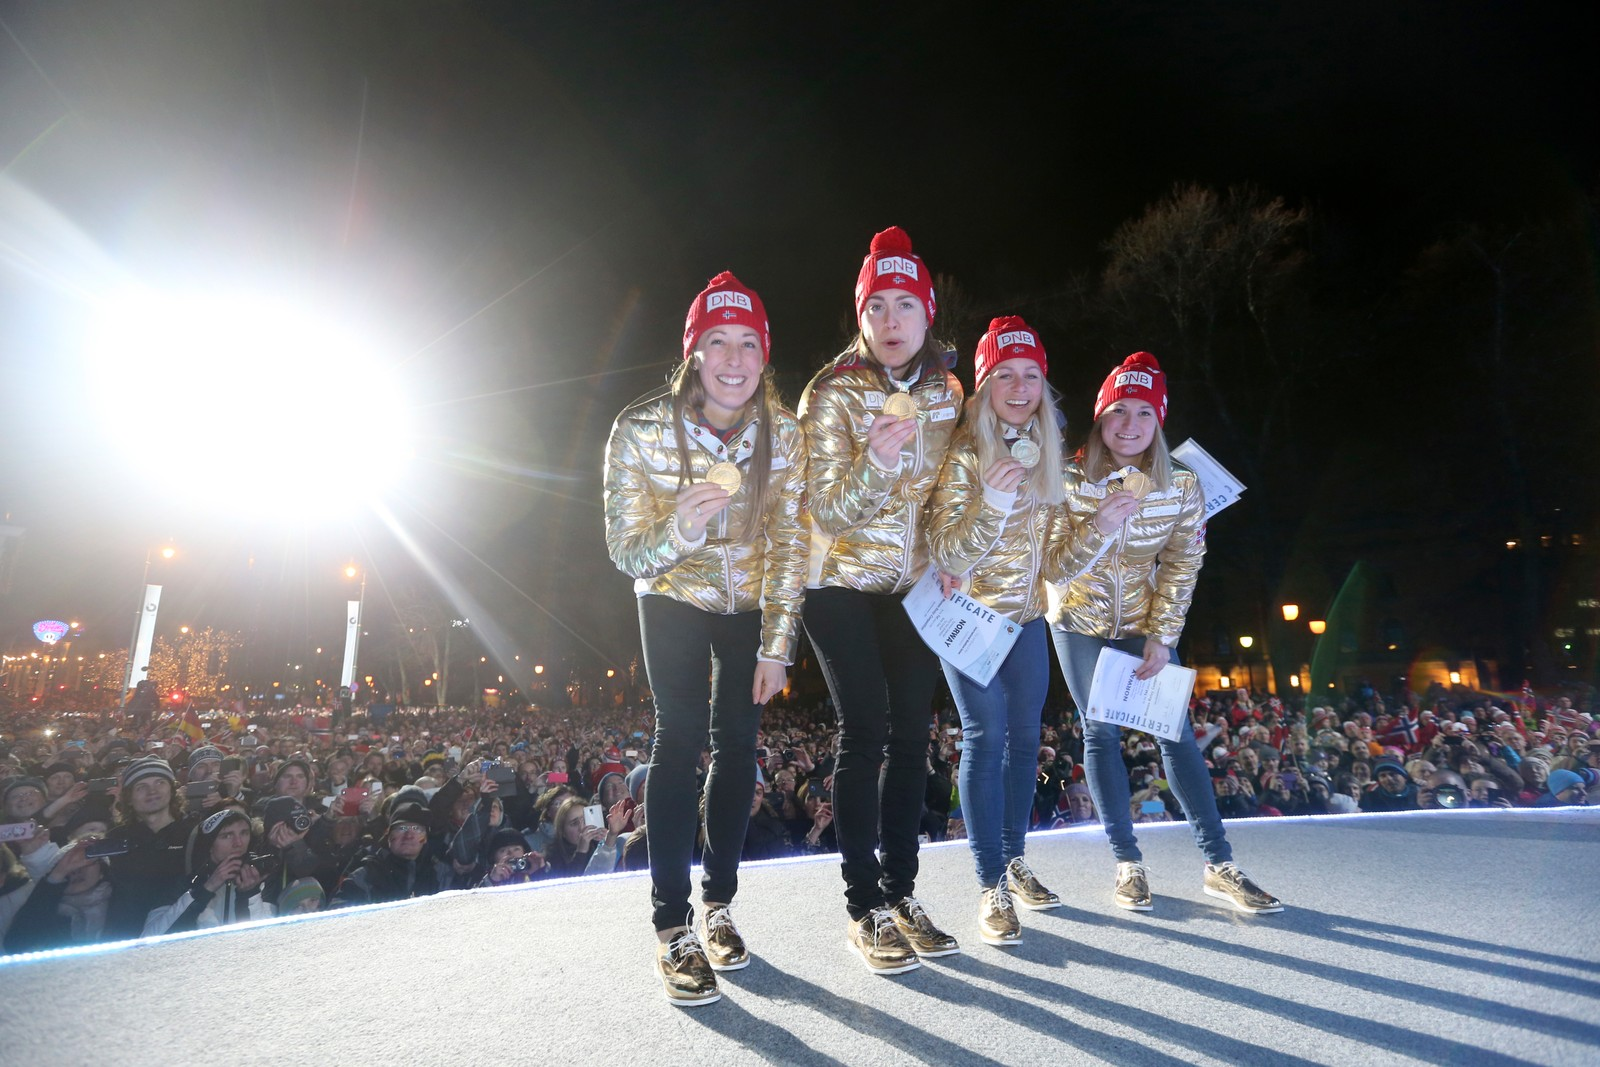 Premieutdeling stafett kvinner VM i skiskyting i Oslo sentrum. Gulljentene fra. Fanny Horn, Synnøve Solemdal, Marte Olsbu og Tiril Eckhoff.